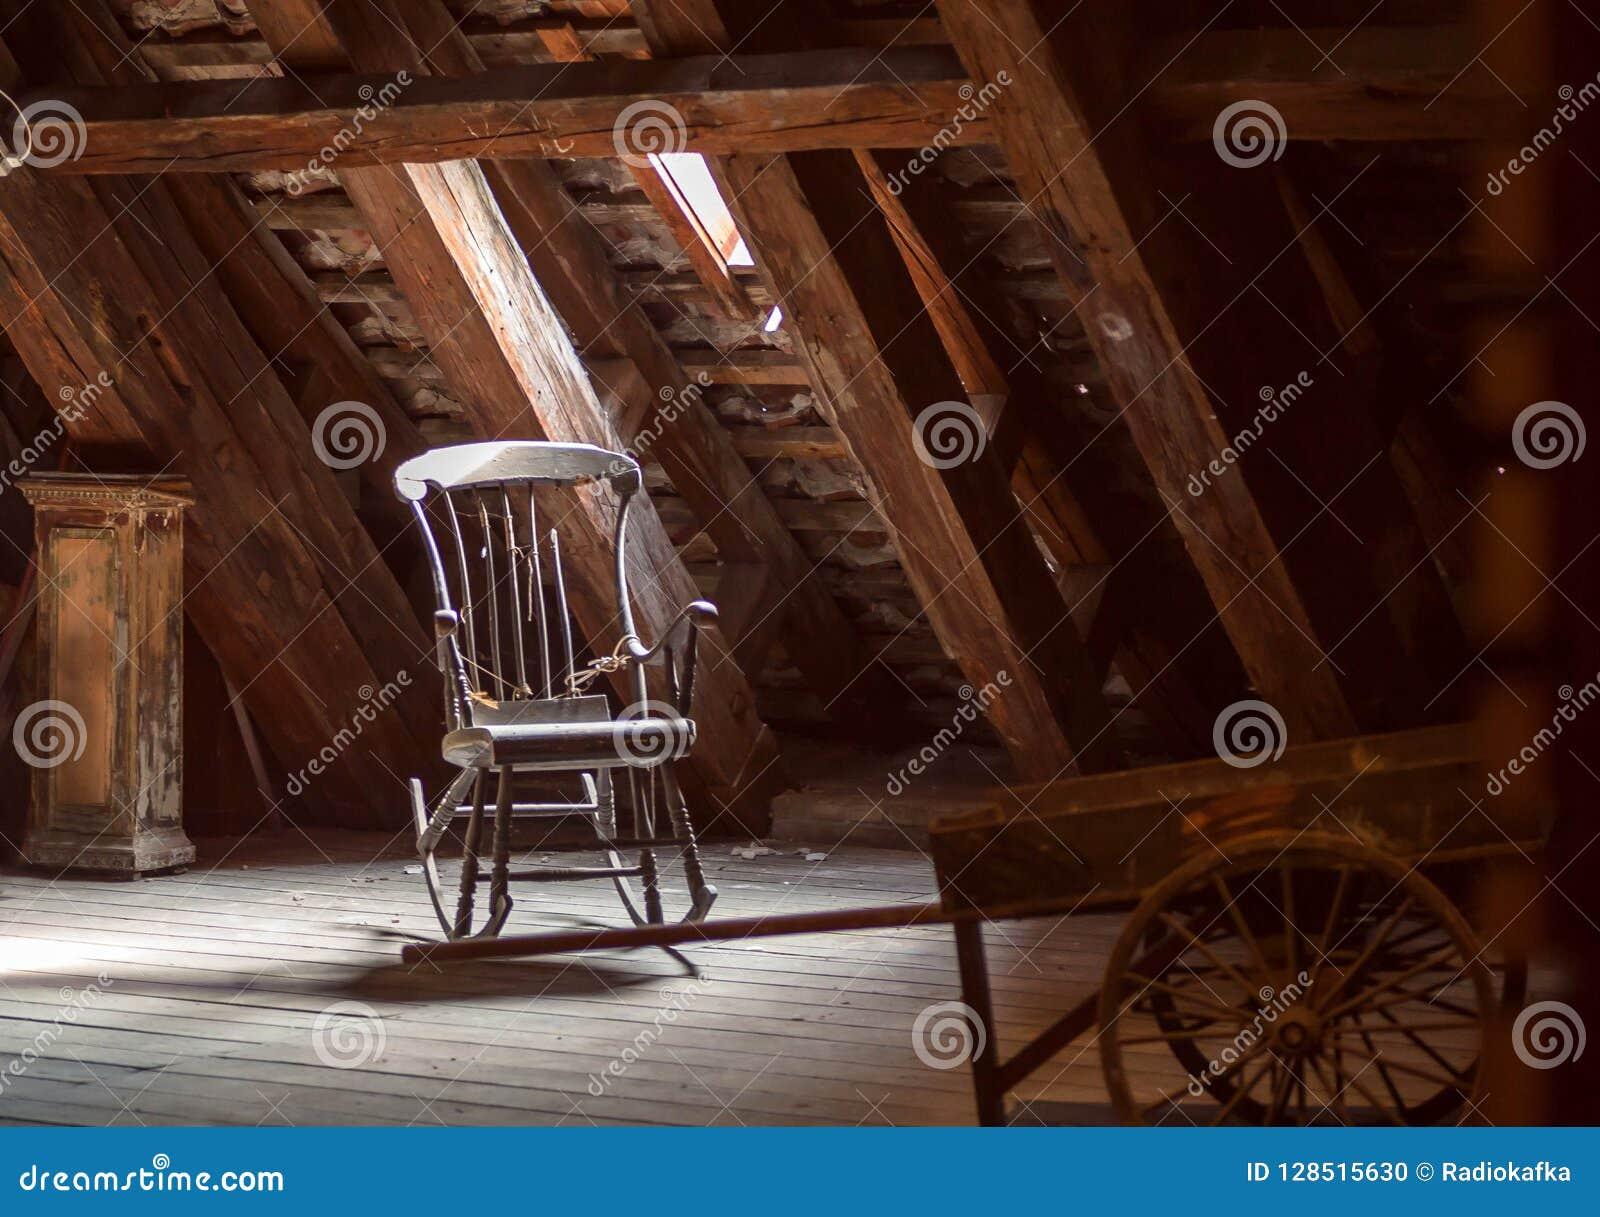 Oude huiszolder met retro meubilair, houten schommelstoel Verlaten huisconcept